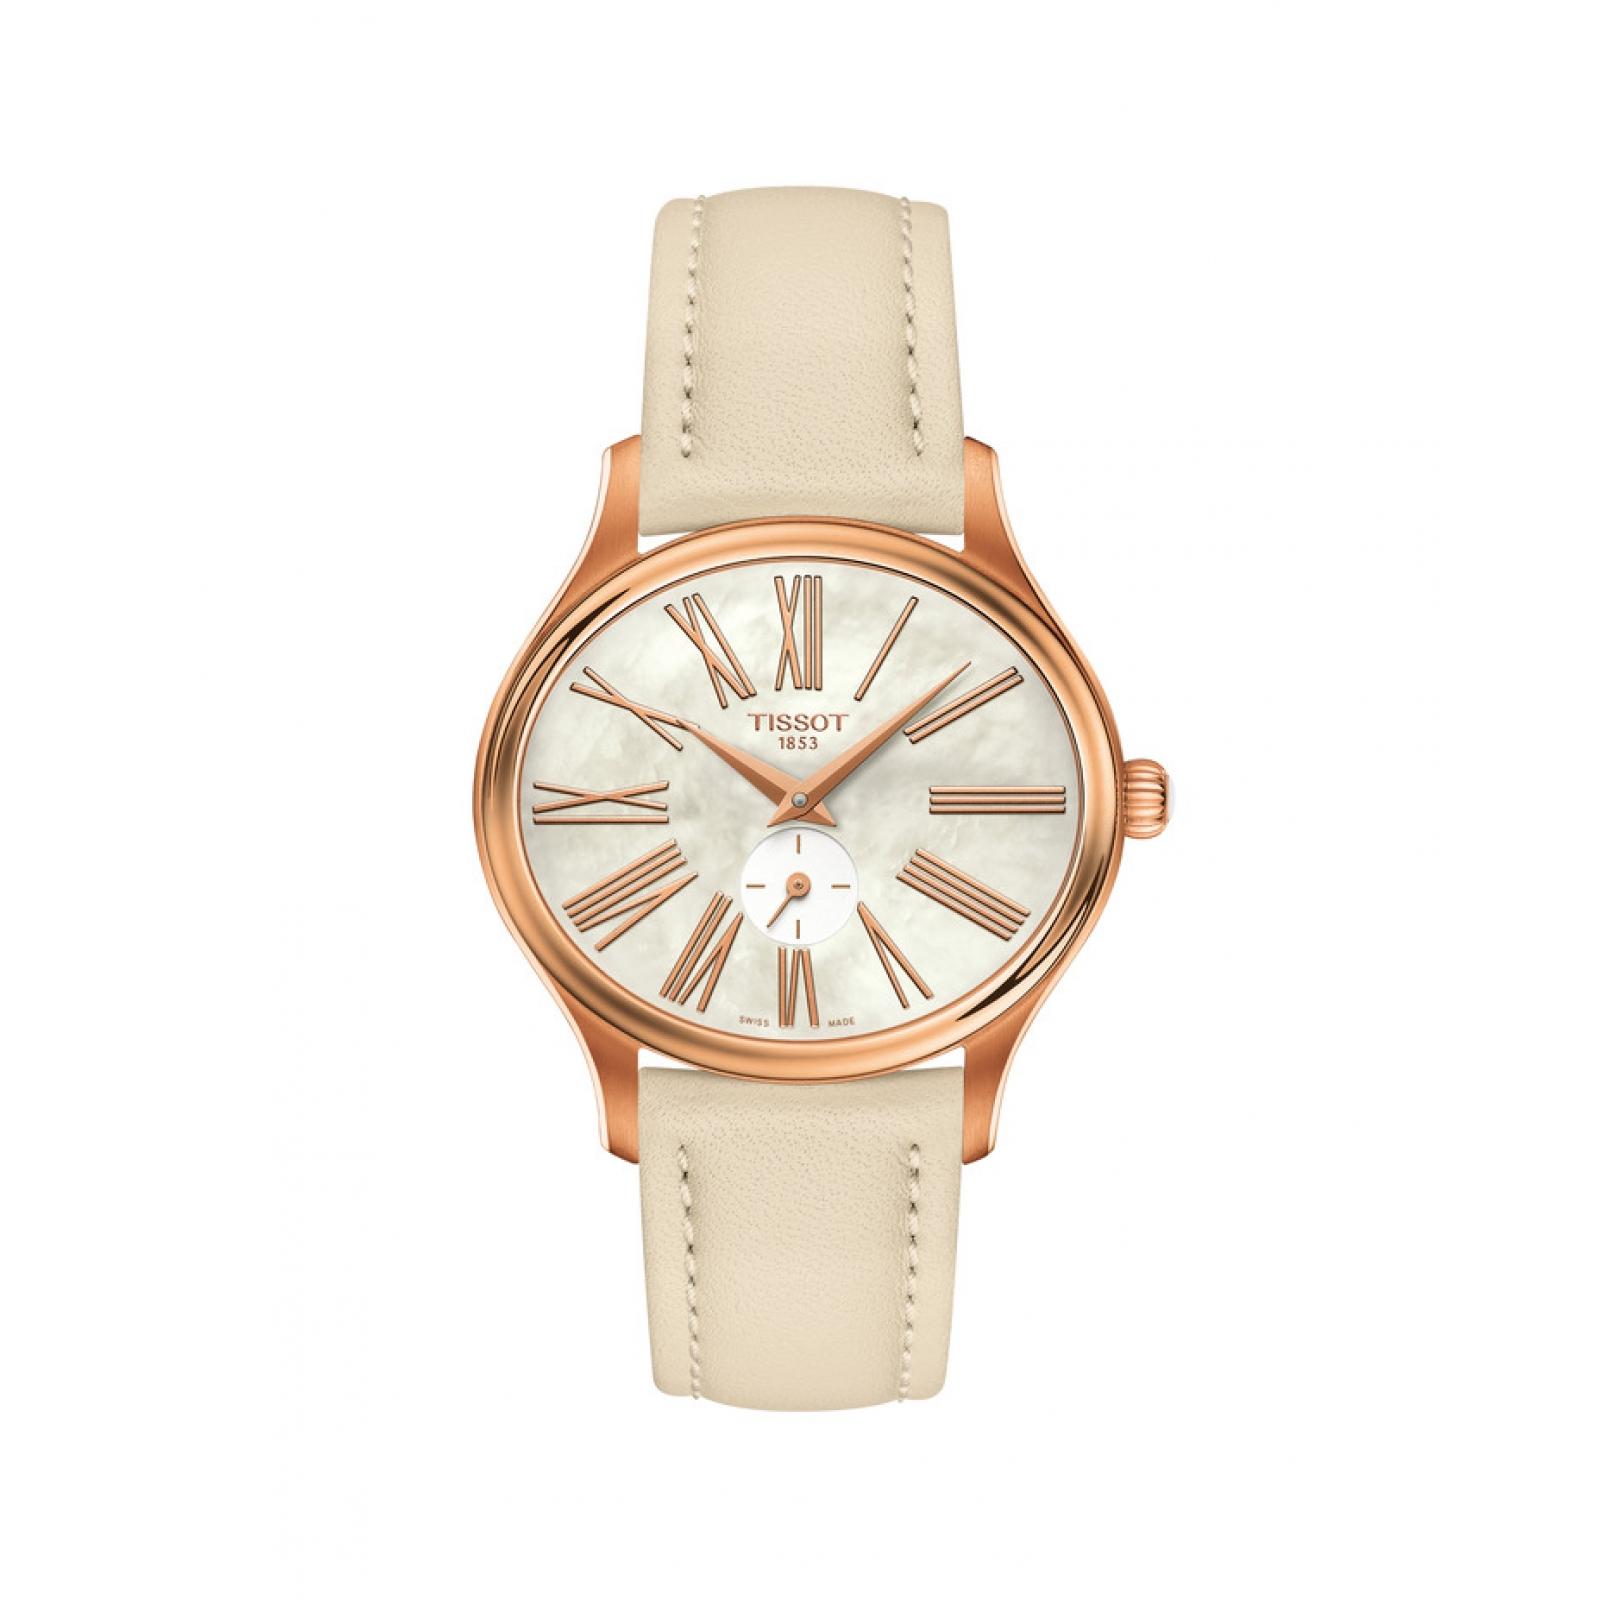 TISSOT Bella Ora Mother of Pearl Dial Damenuhr (Quartz-Uhrwerk, Saphirglas, Armband aus Leder) für 126,21€